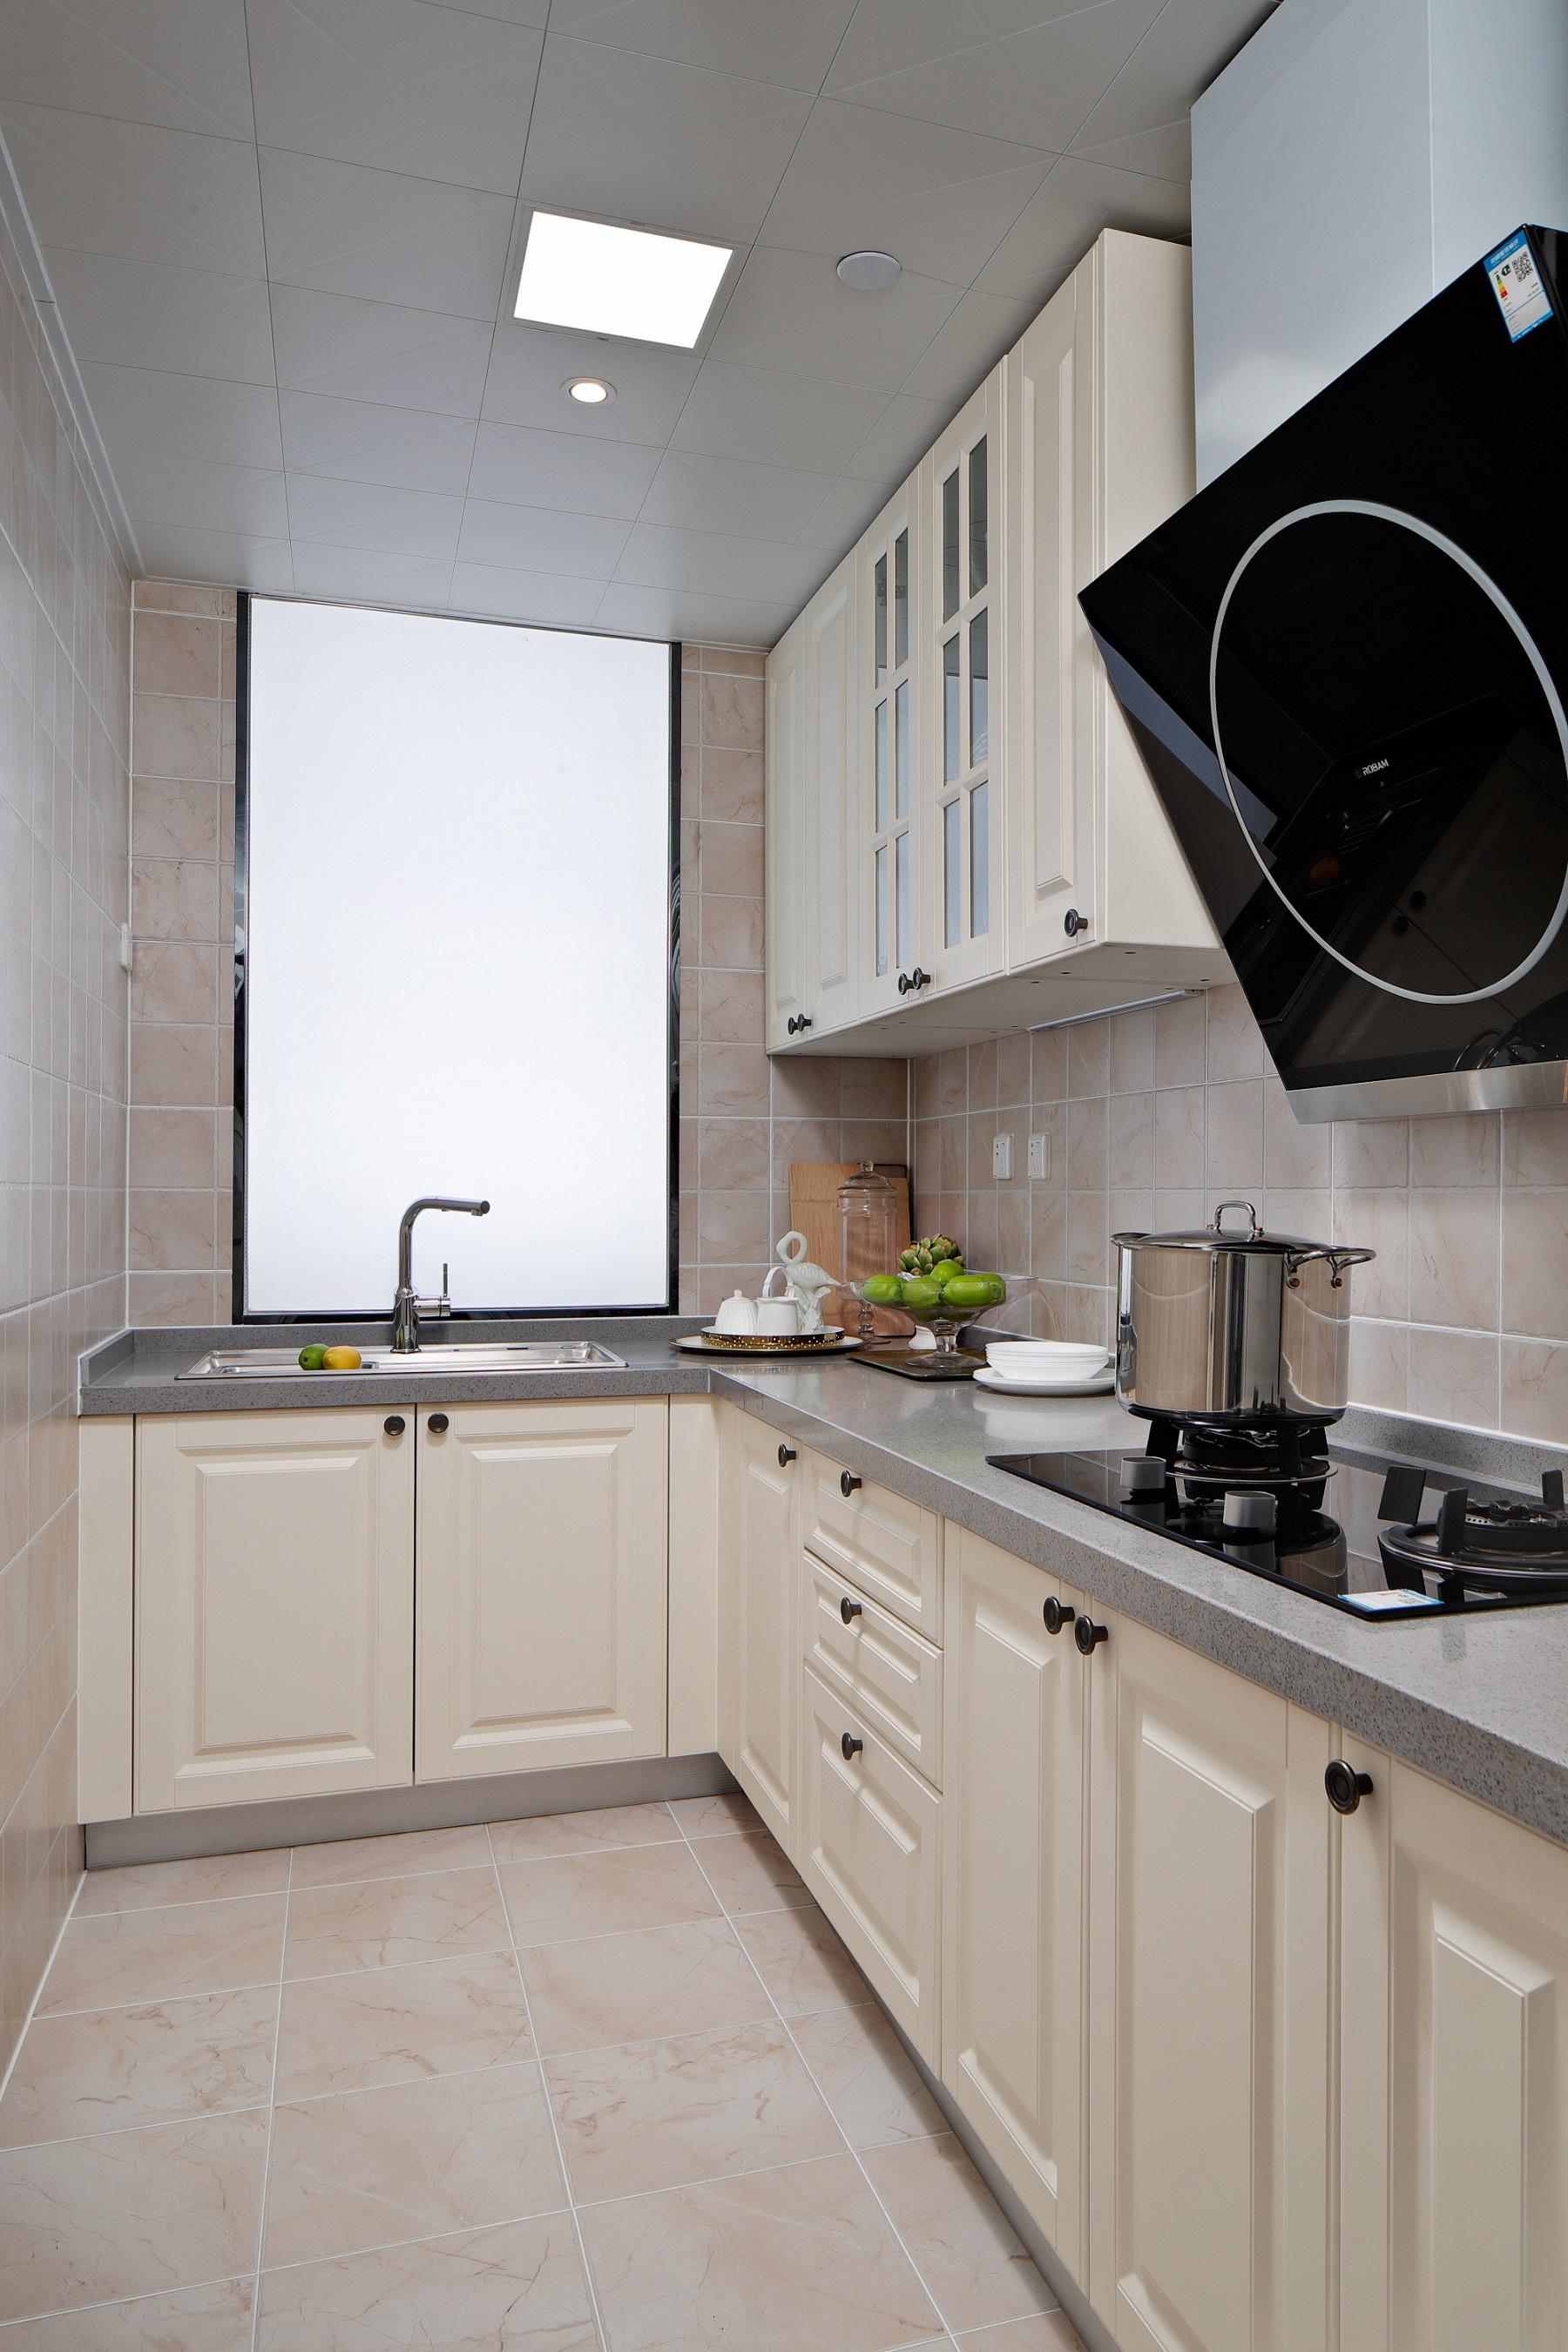 厨房采用时下流行的L型设计,浅色橱柜让整个空间看着很干净,地柜+吊柜满足收纳,保证厨房的整洁。